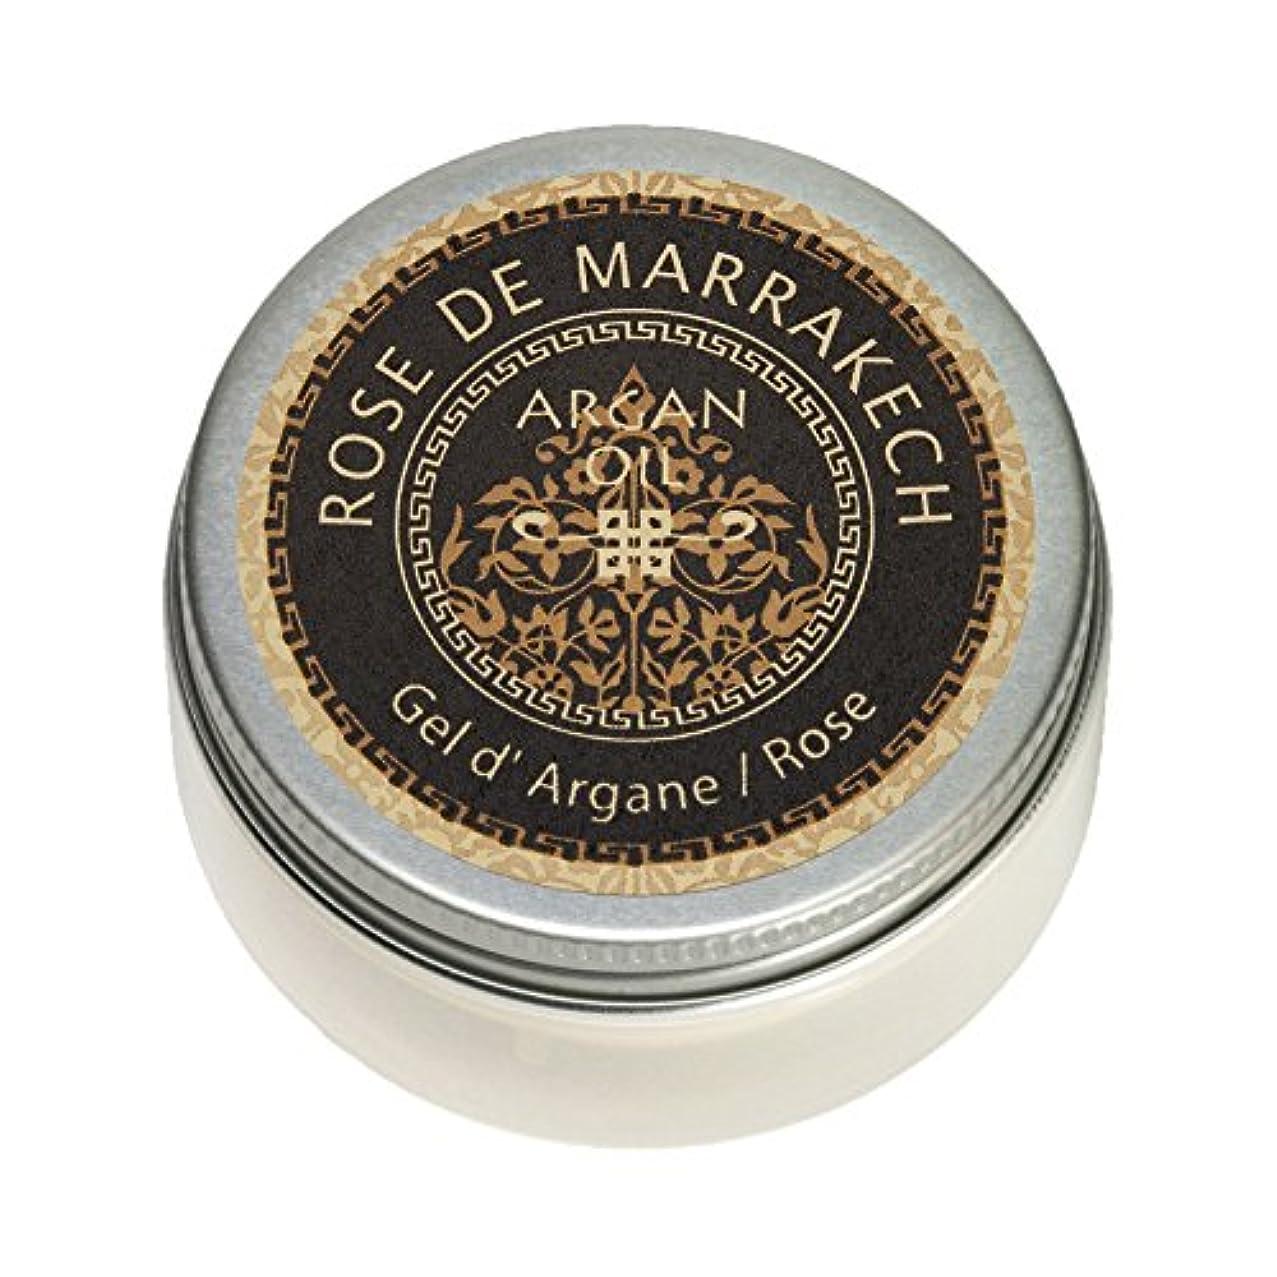 代わりにを立てるマント消毒するローズ ド マラケシュ ジェル ド アルガン-ローズ 40g